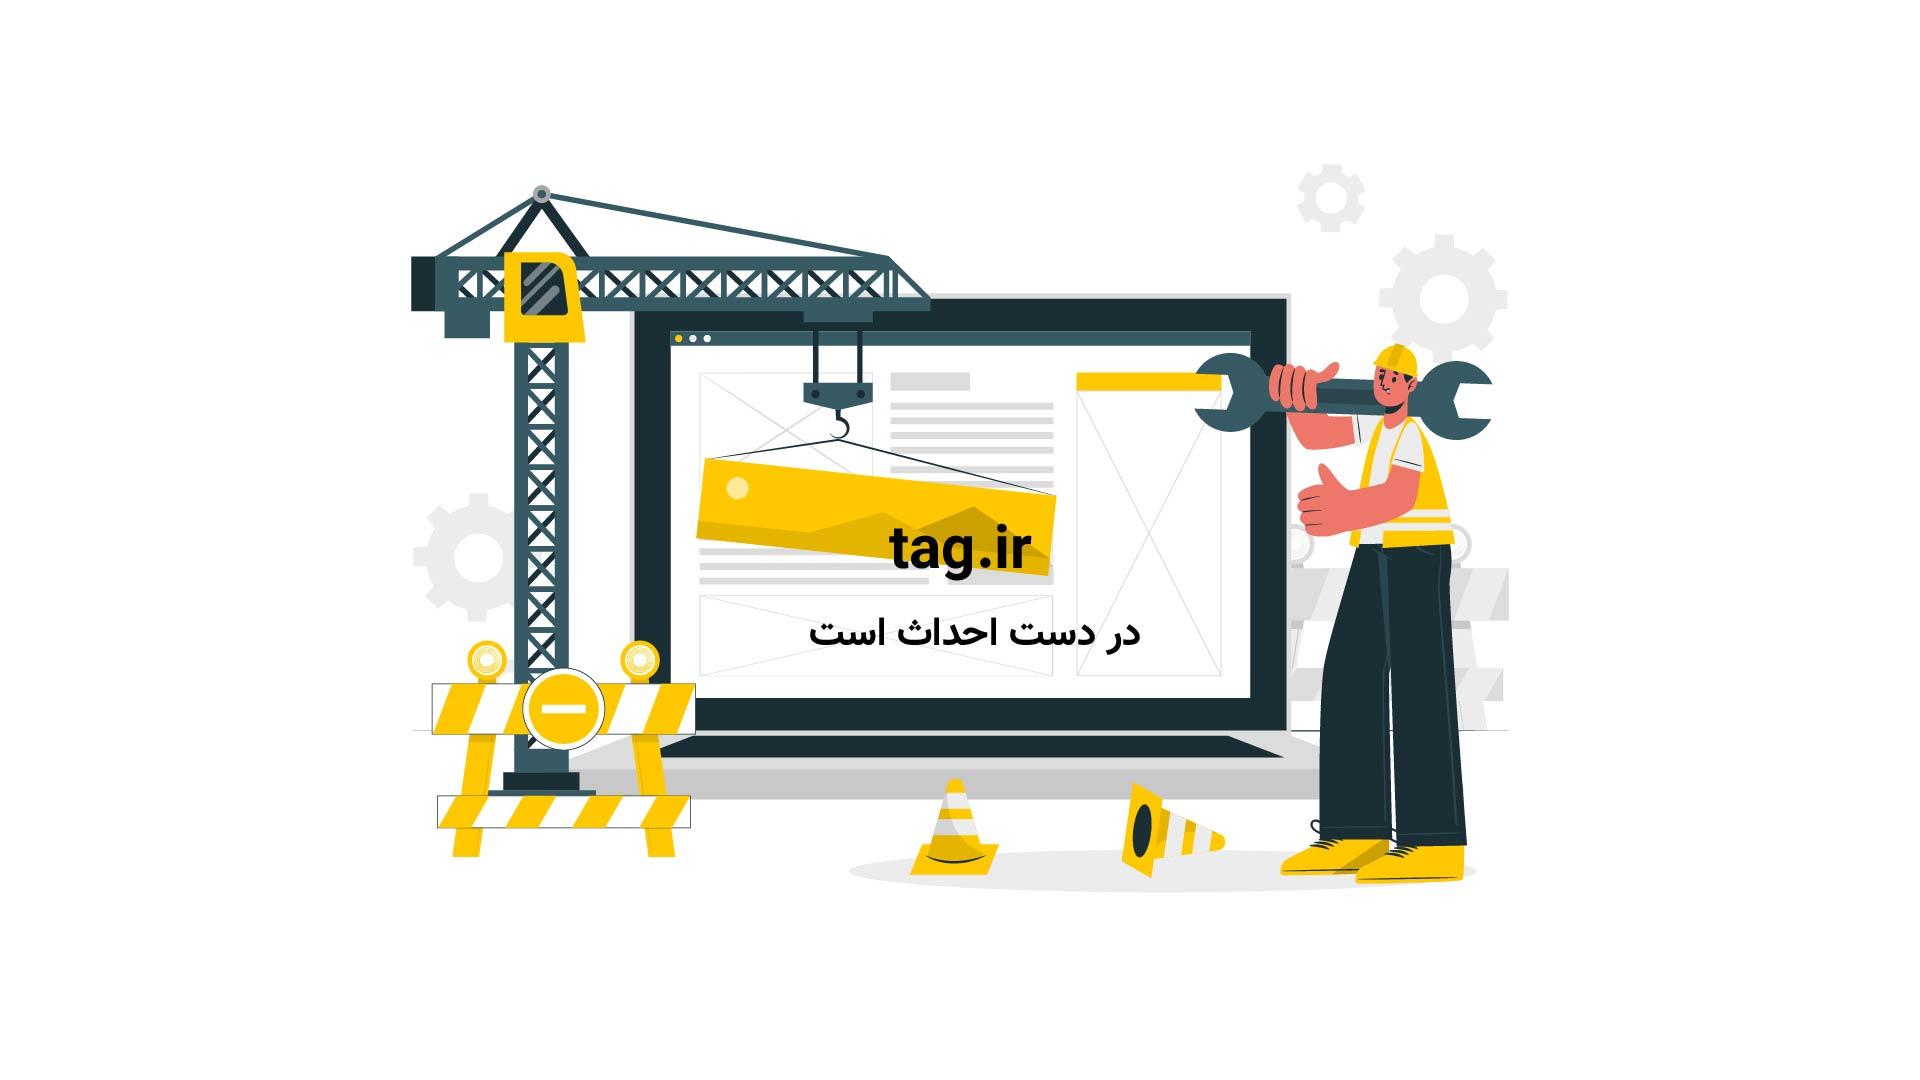 مسابقه اسم و فامیل بین مهران غفوریان و رامبد جوان در خندوانه   فیلم